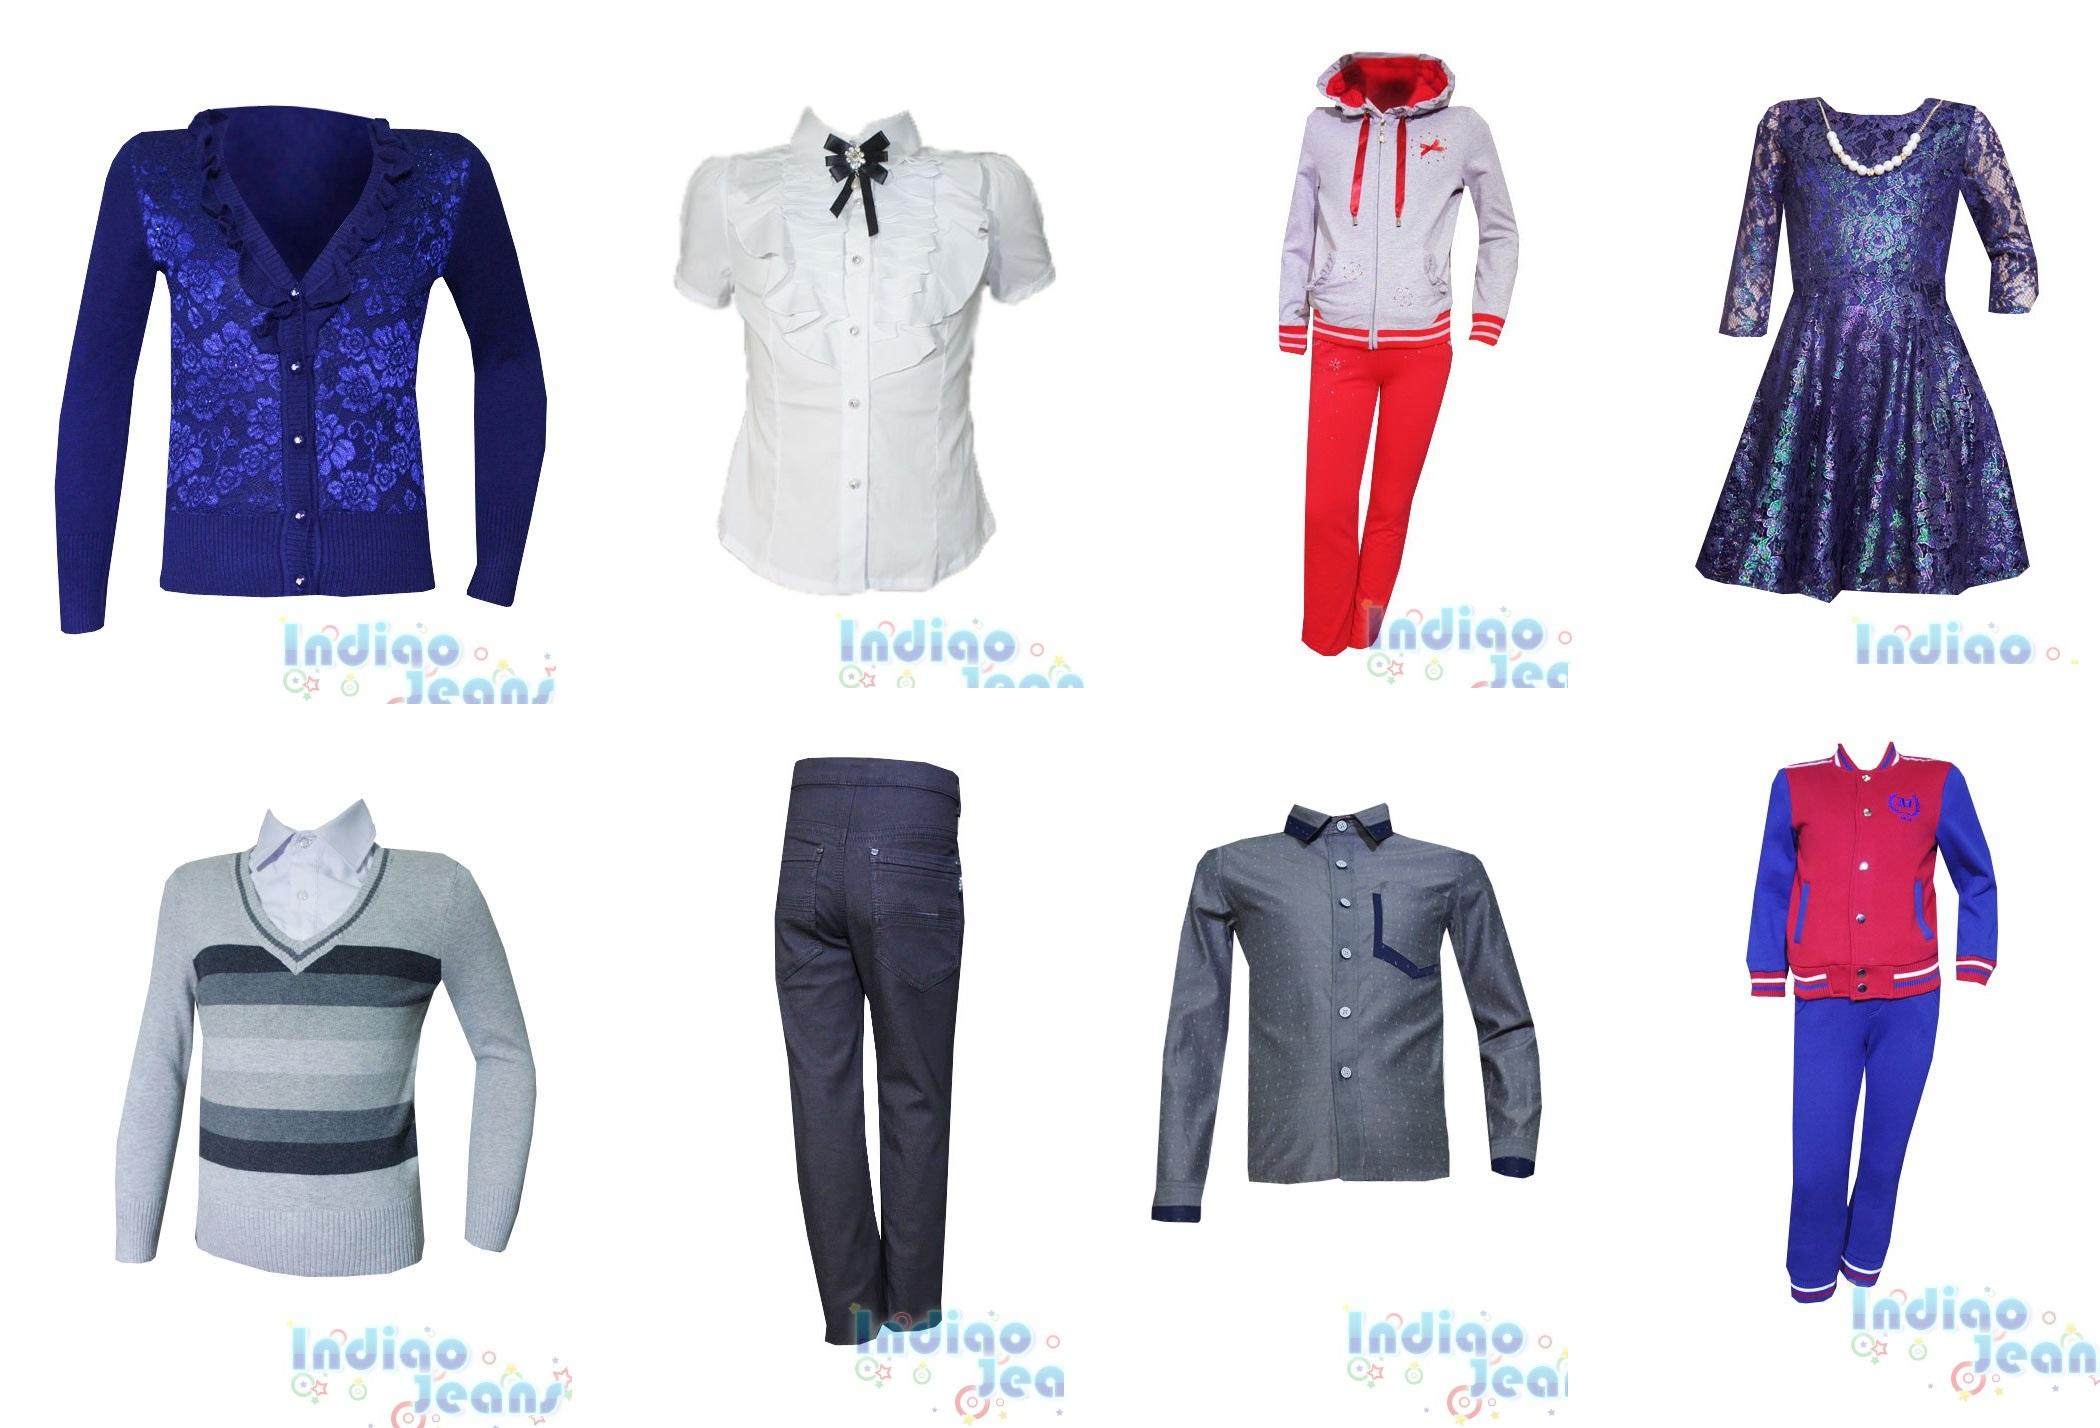 Трикотаж для мальчиков и девочек от 98 до 164. Школьный ассортимент - кардиганы, жилеты, блузки, рубашки, брюки, юбки, сарафаны, пиджаки... Нарядные платья.